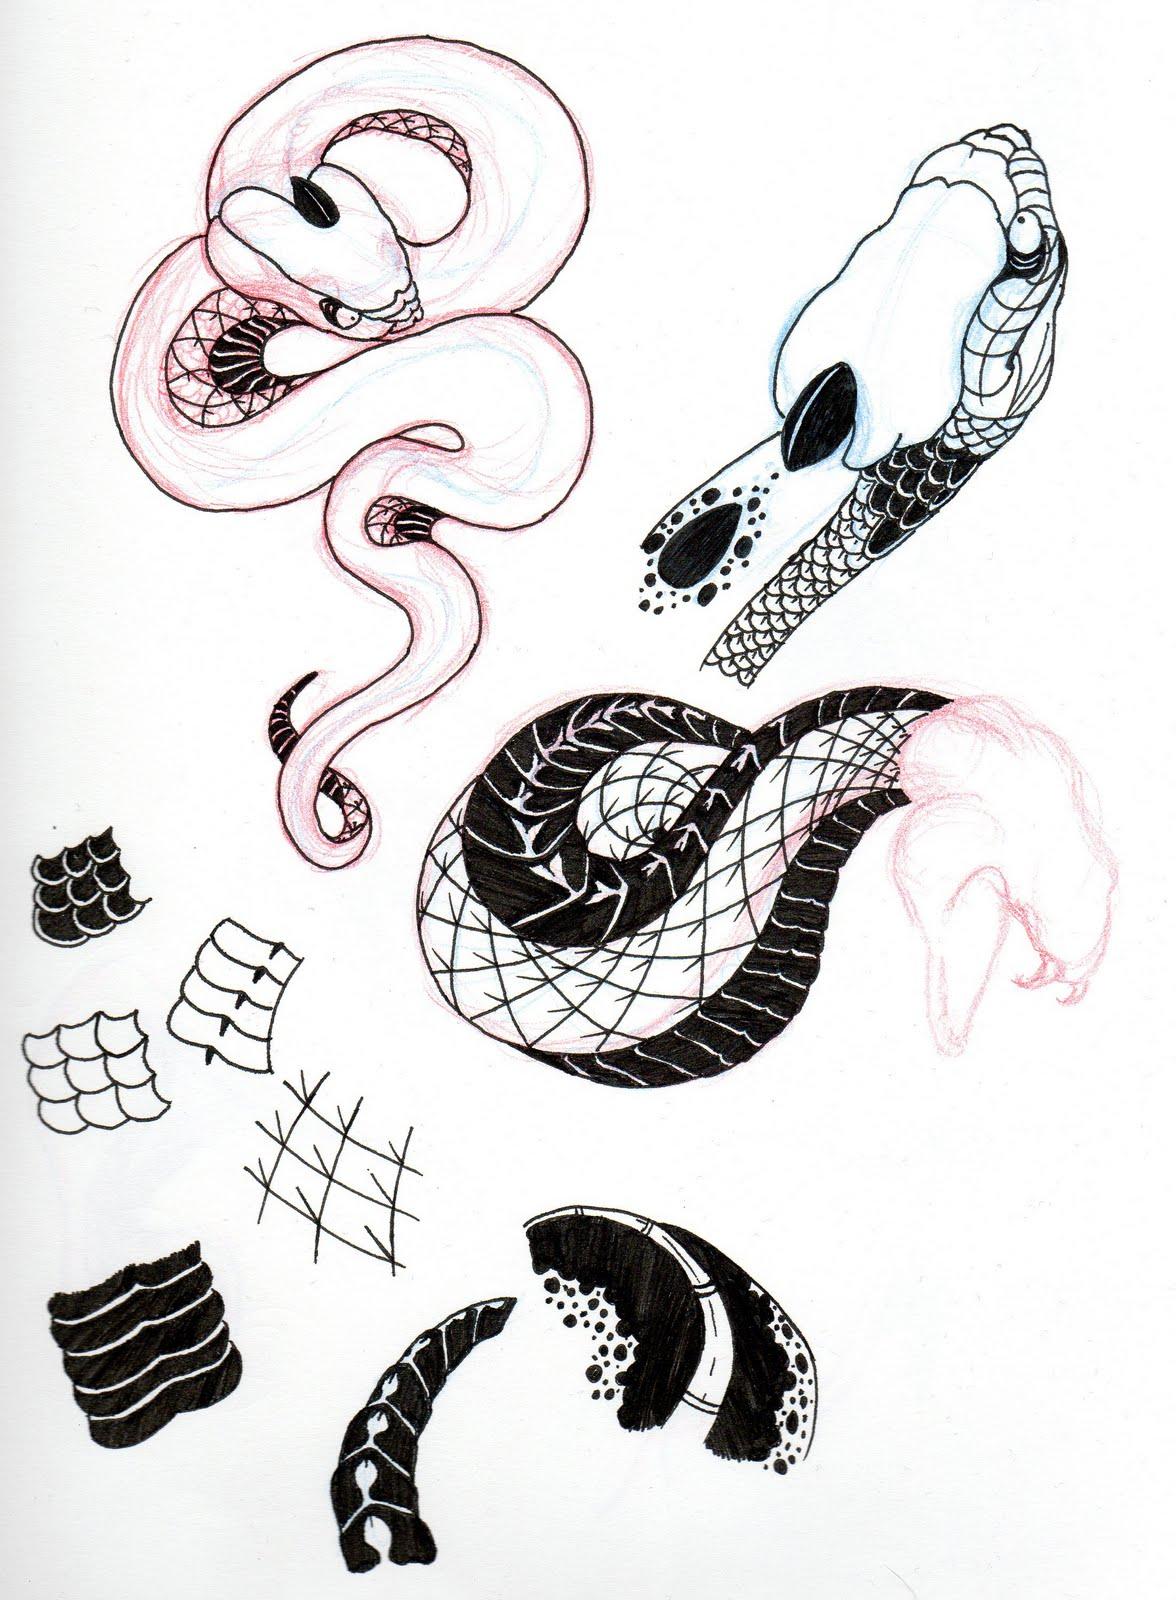 Horimouja Snake